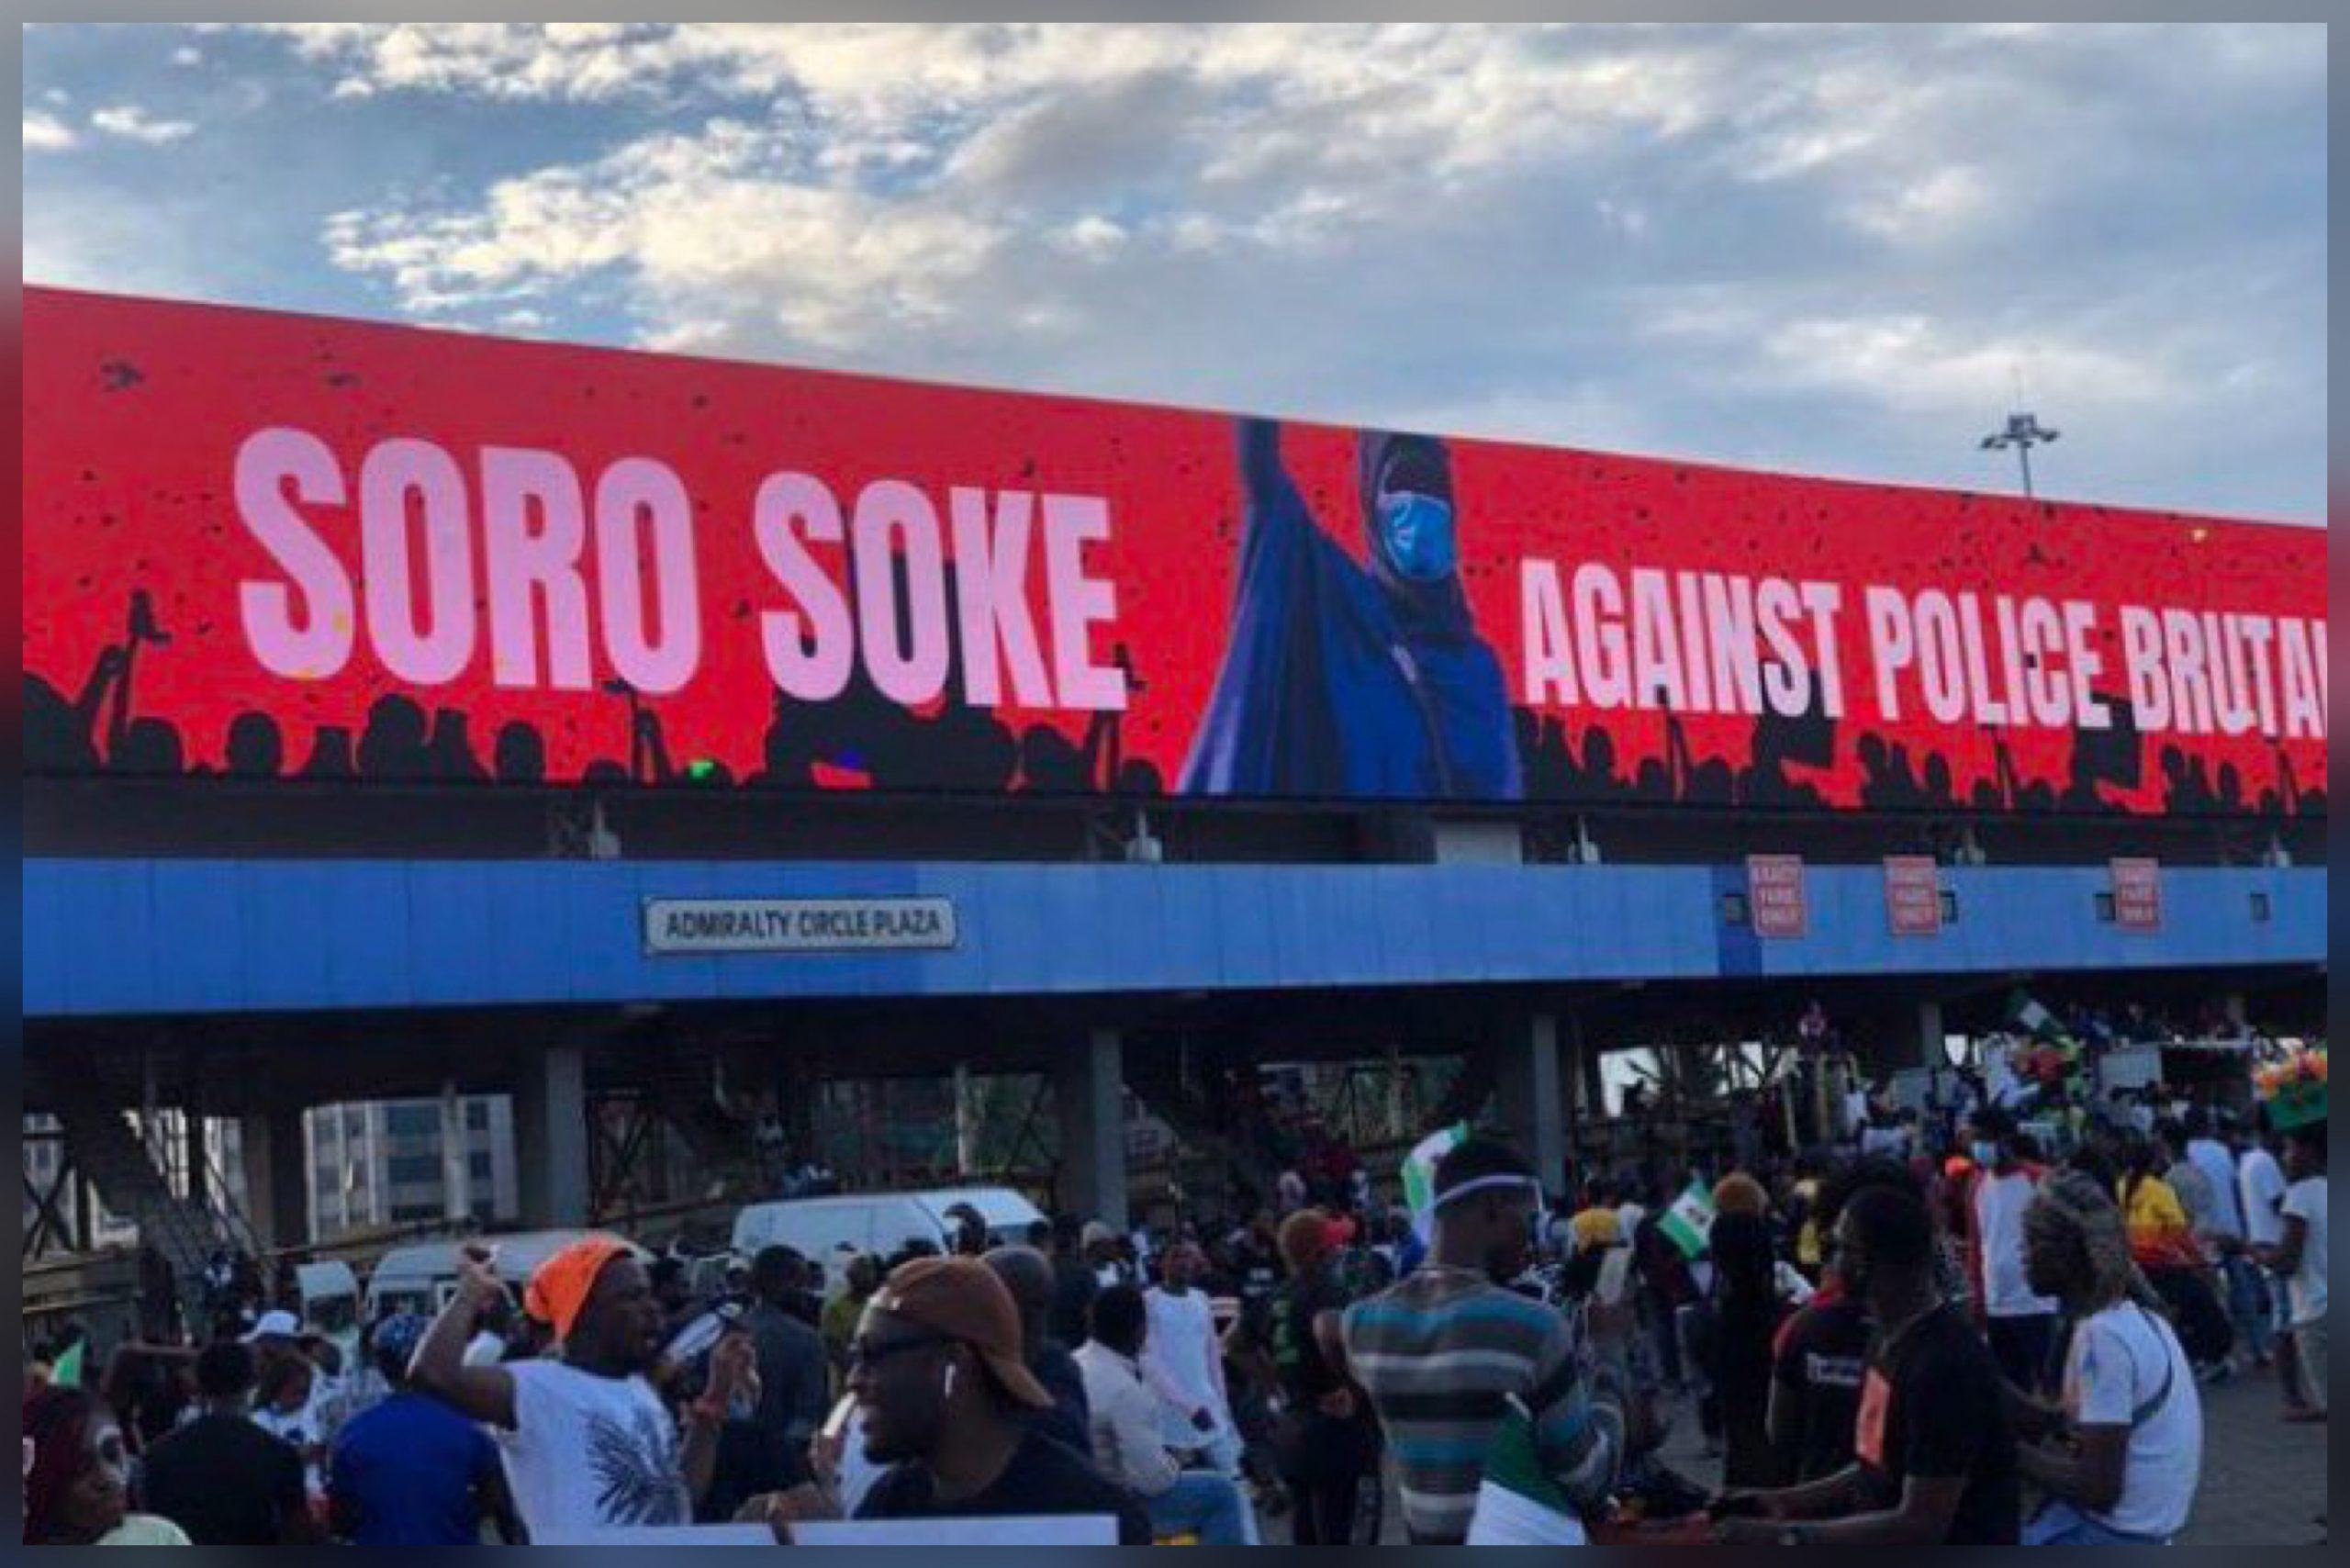 Soro Soke SARS protests